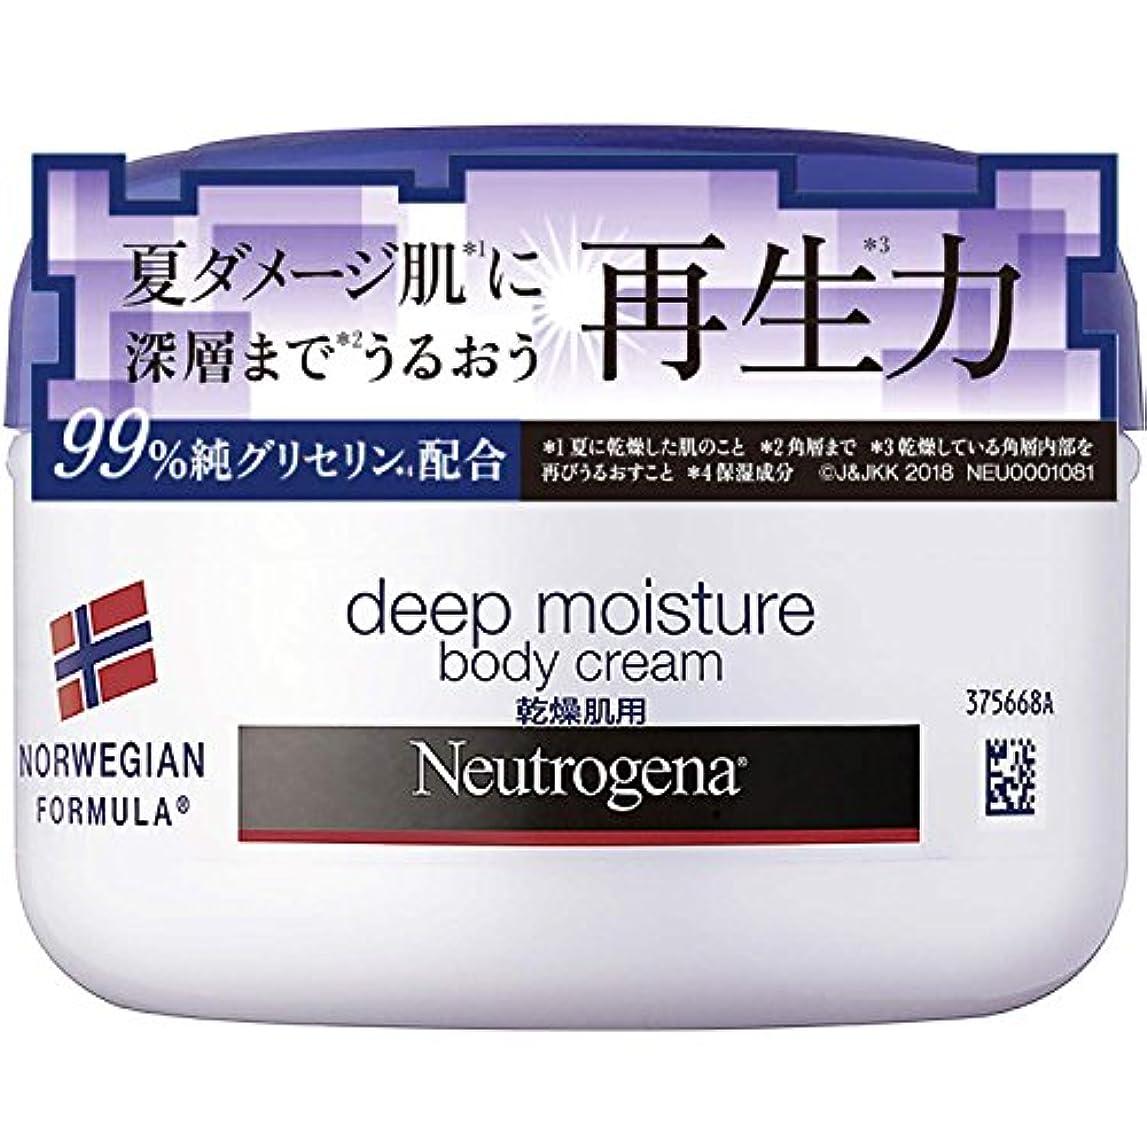 初心者薄める規定Neutrogena(ニュートロジーナ) ノルウェーフォーミュラ ディープモイスチャー ボディクリーム 微香性 200g